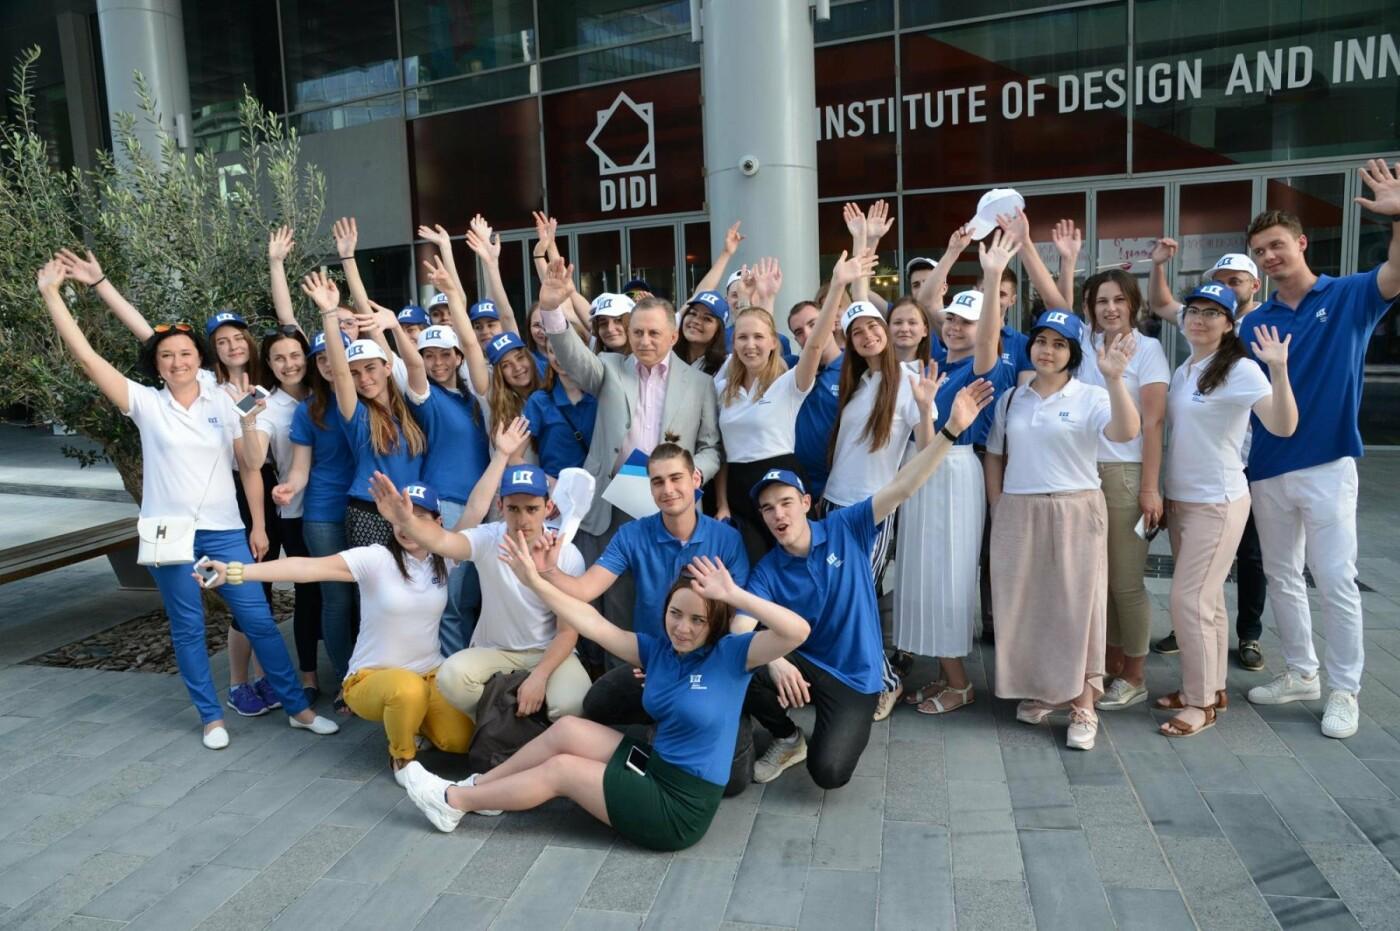 Студенты Донецкой области отправились изучать архитектуру в Дубай, фото-2